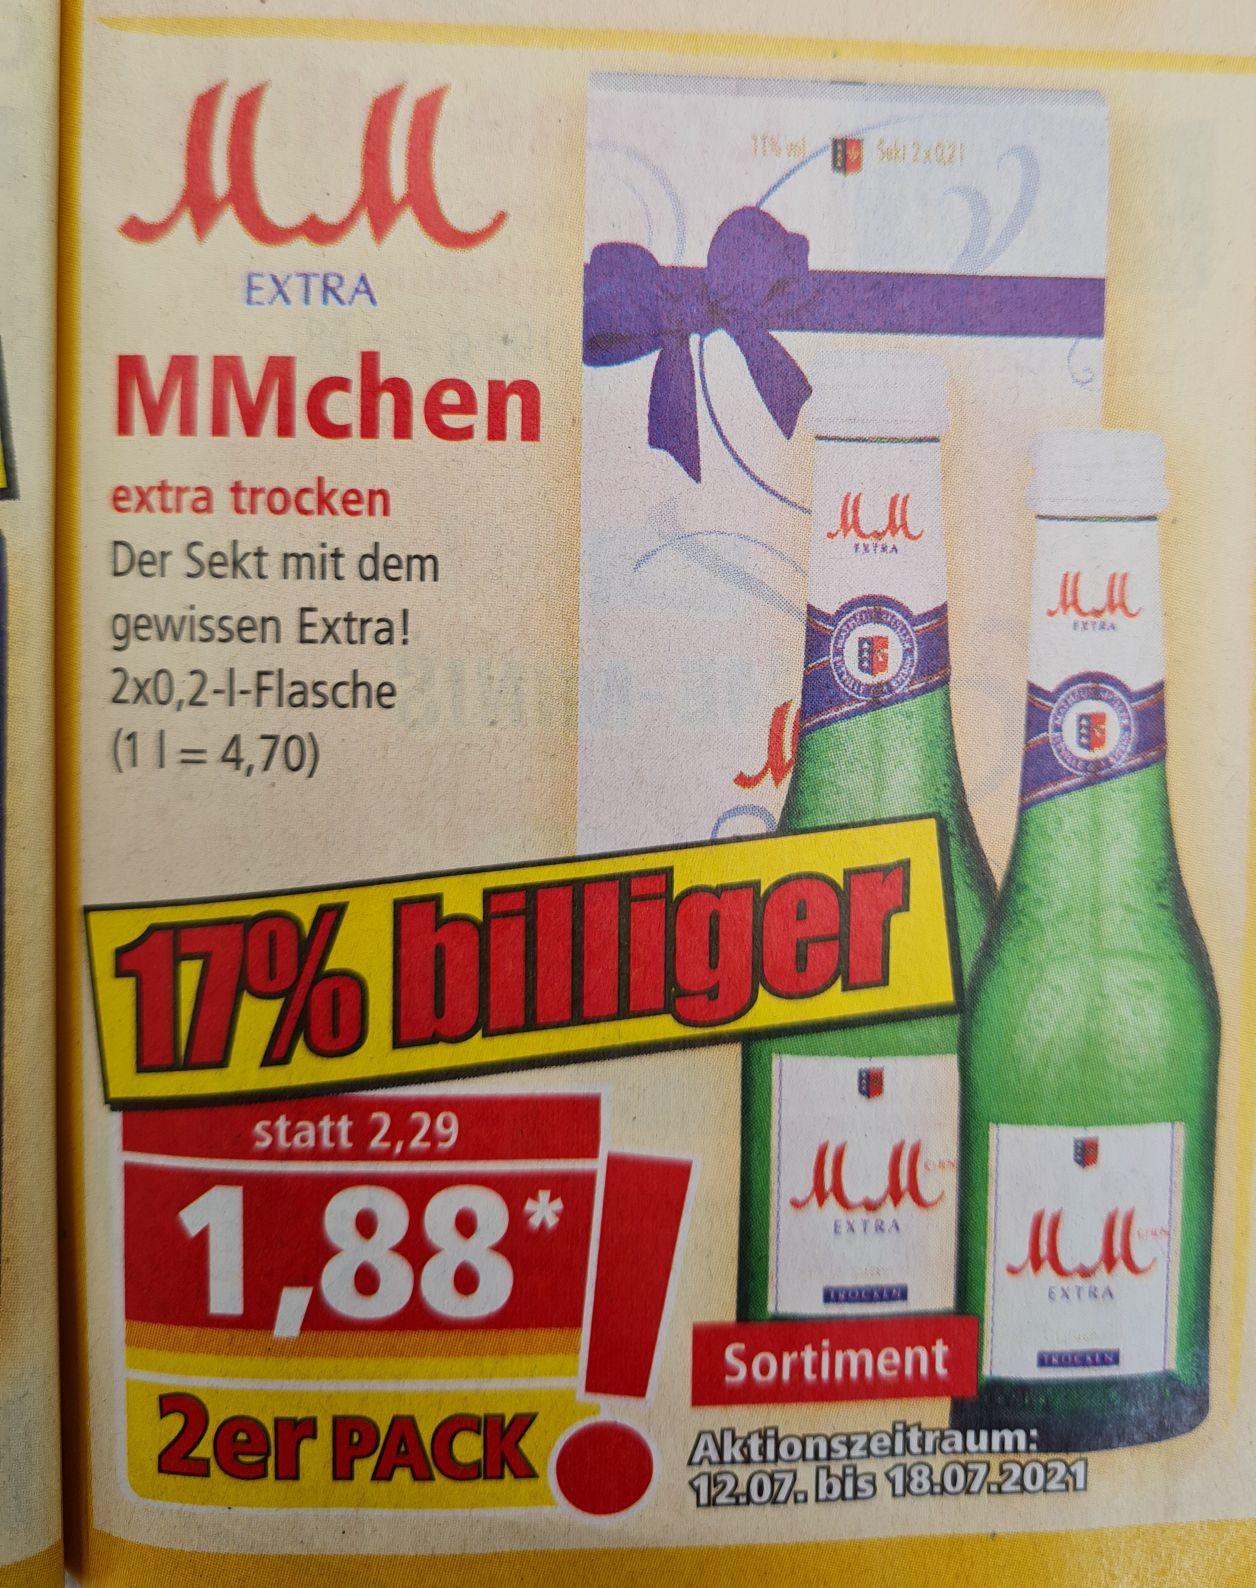 MMchen extra trocken 2x0,2 l Flasche und Corona Extra Bier 6x0,355 la für 4,99€ ab 12.07 Norma